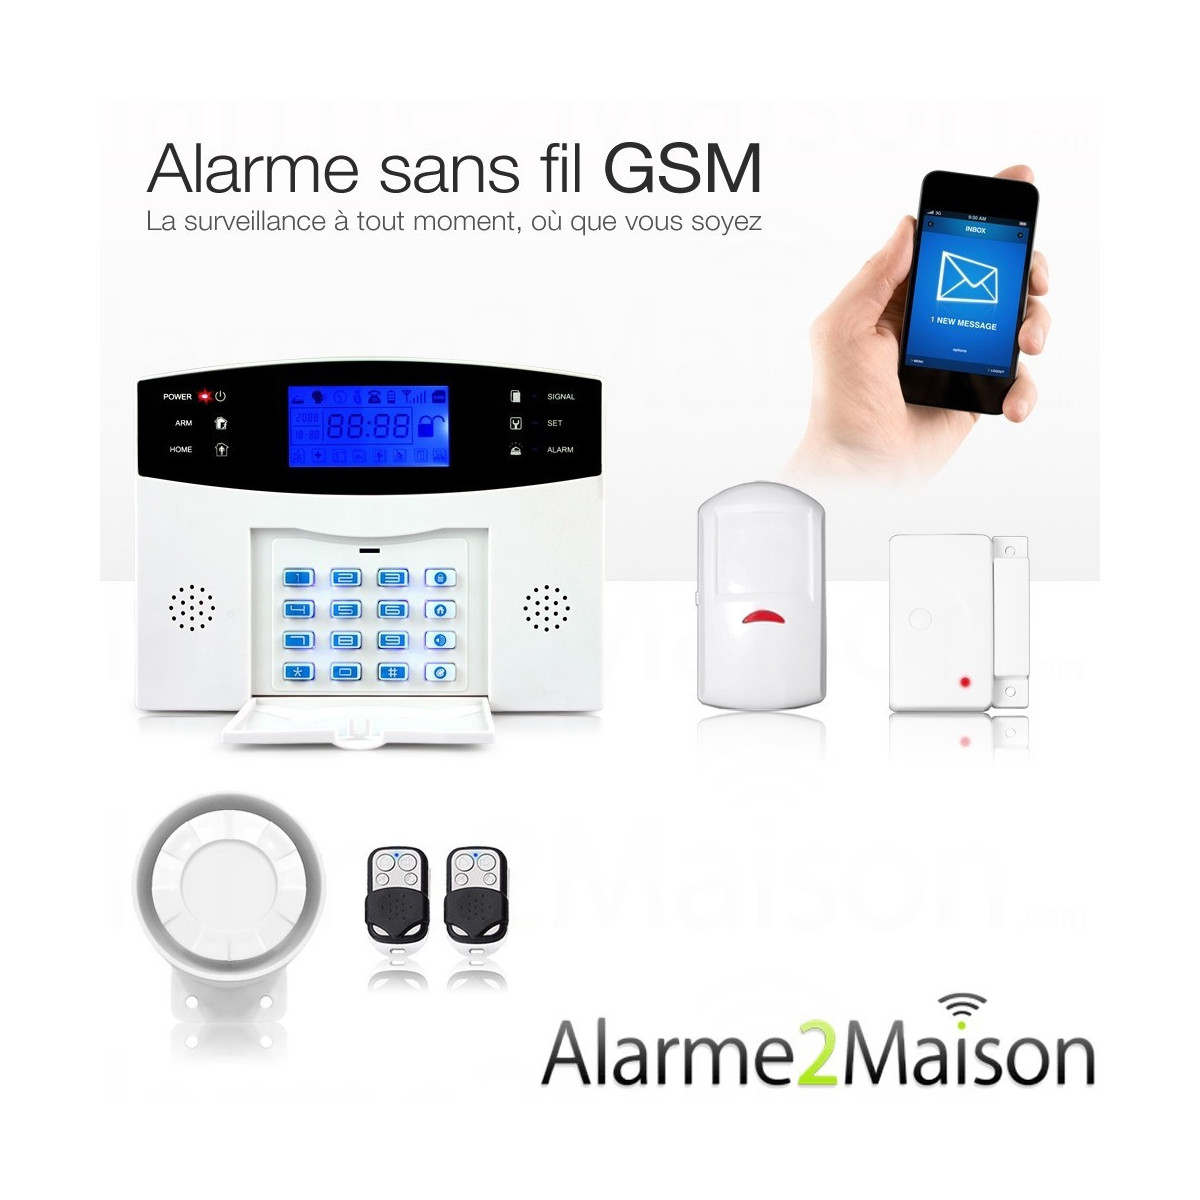 Alarme maison sans fil gsm 1 2 pi ces www for Alarme maison sans fil avis